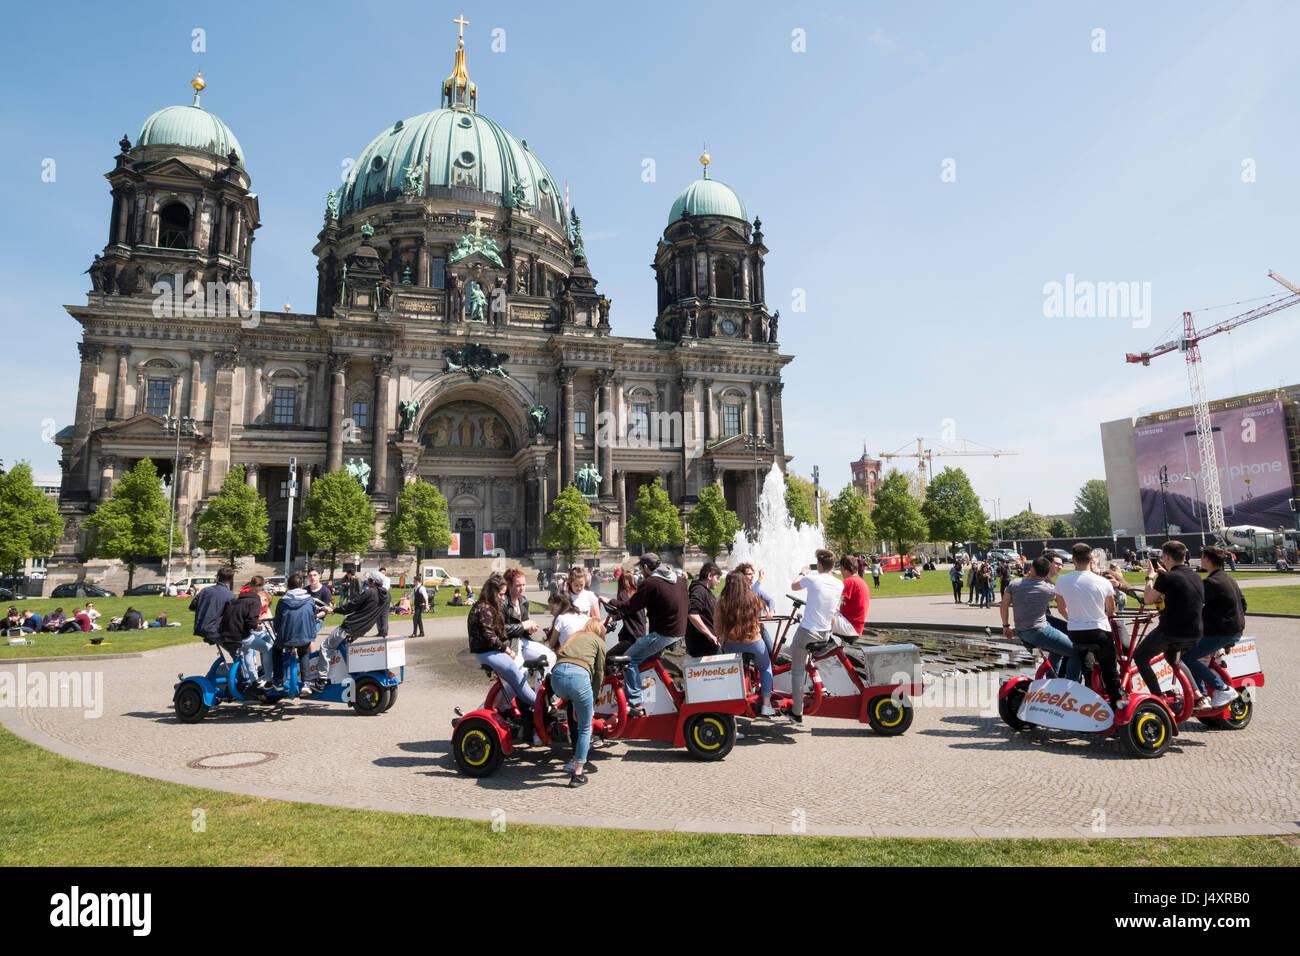 La Catedral de Berlín y con los turistas en equipo Lustgarten bikes, Berlín, Alemania Imagen De Stock